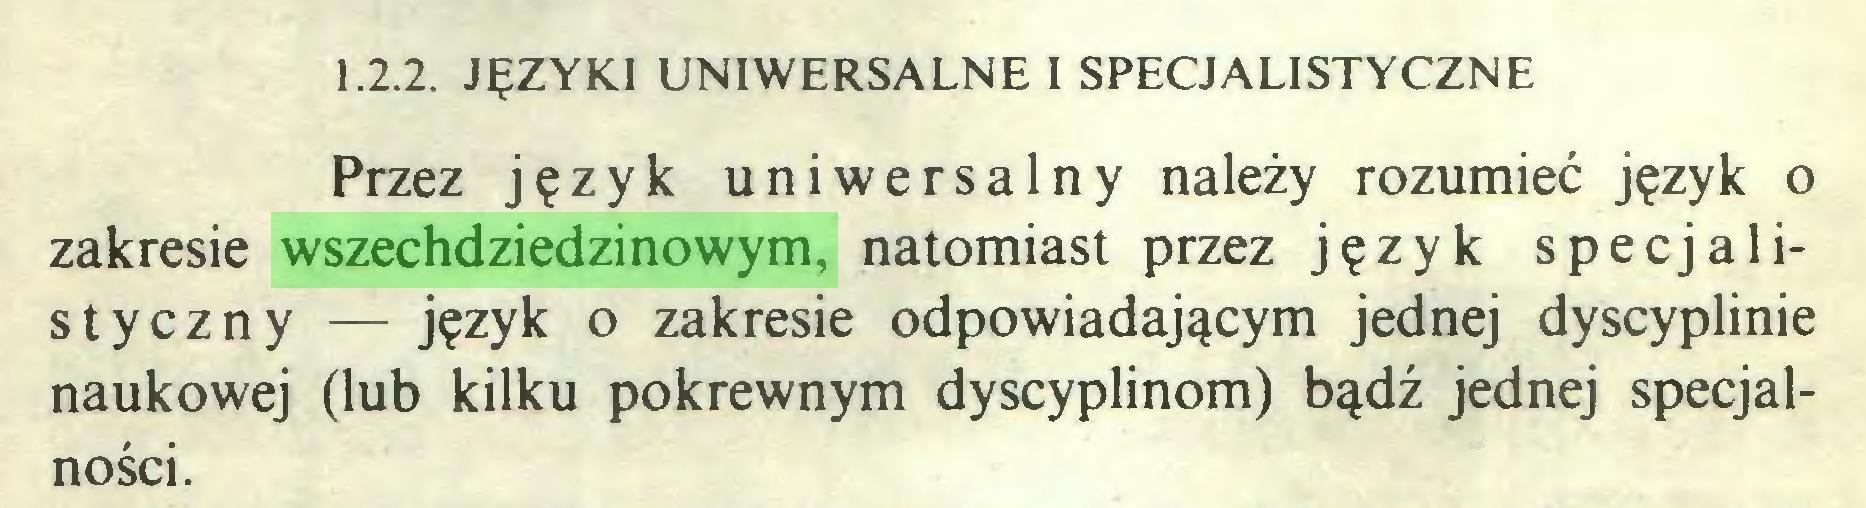 (...) 1.2.2. JĘZYKI UNIWERSALNE I SPECJALISTYCZNE Przez język uniwersalny należy rozumieć język o zakresie wszechdziedzinowym, natomiast przez język specjalistyczny — język o zakresie odpowiadającym jednej dyscyplinie naukowej (lub kilku pokrewnym dyscyplinom) bądź jednej specjalności...